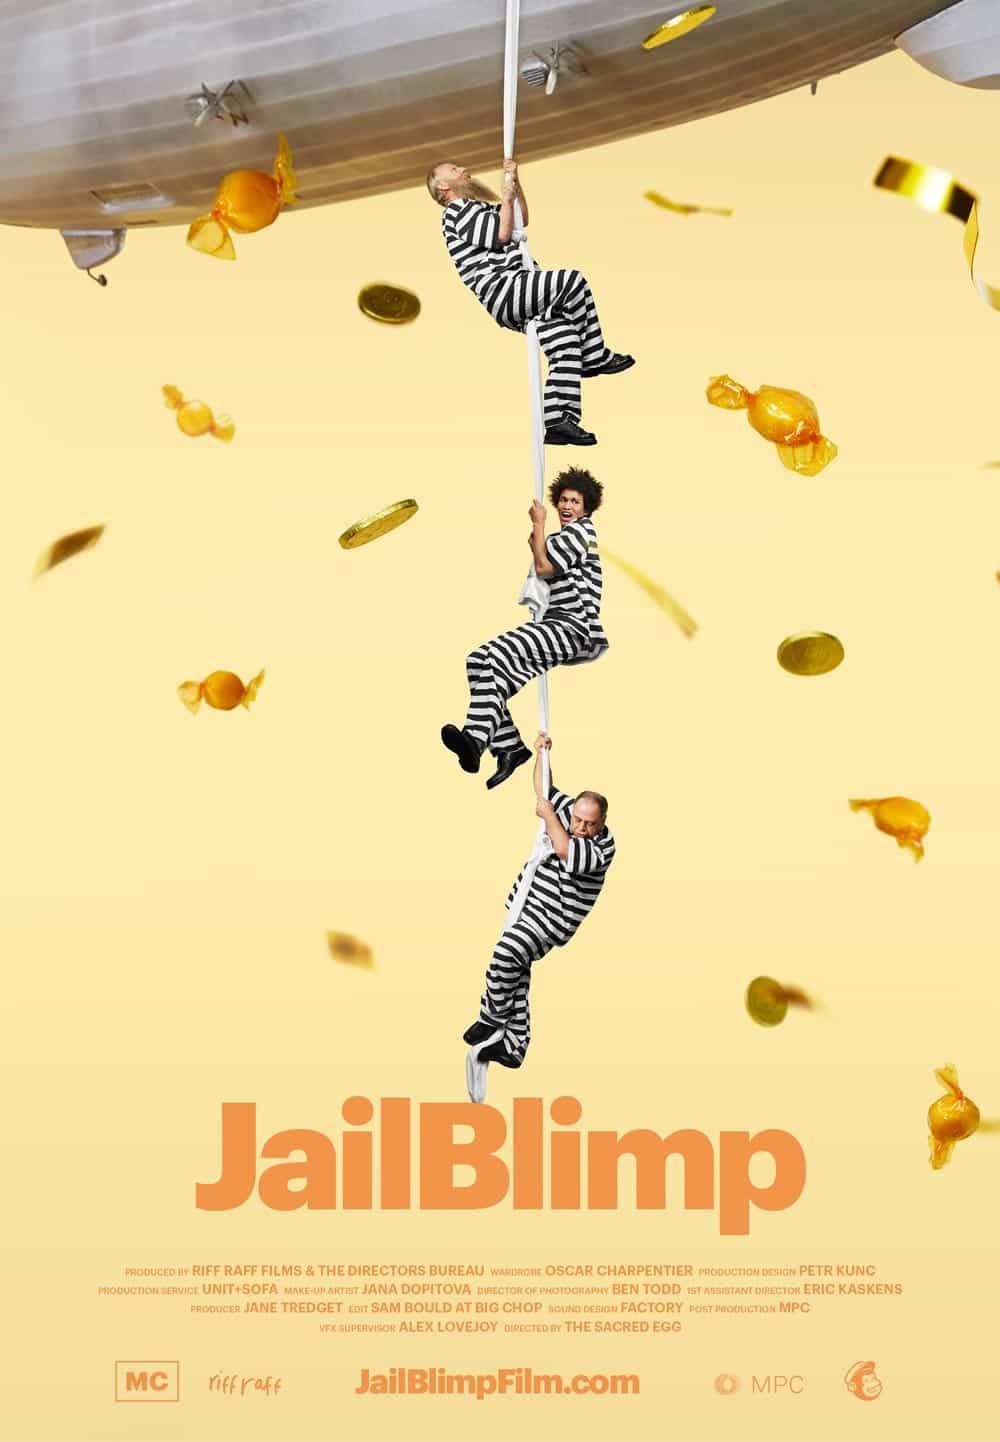 Jail blimp